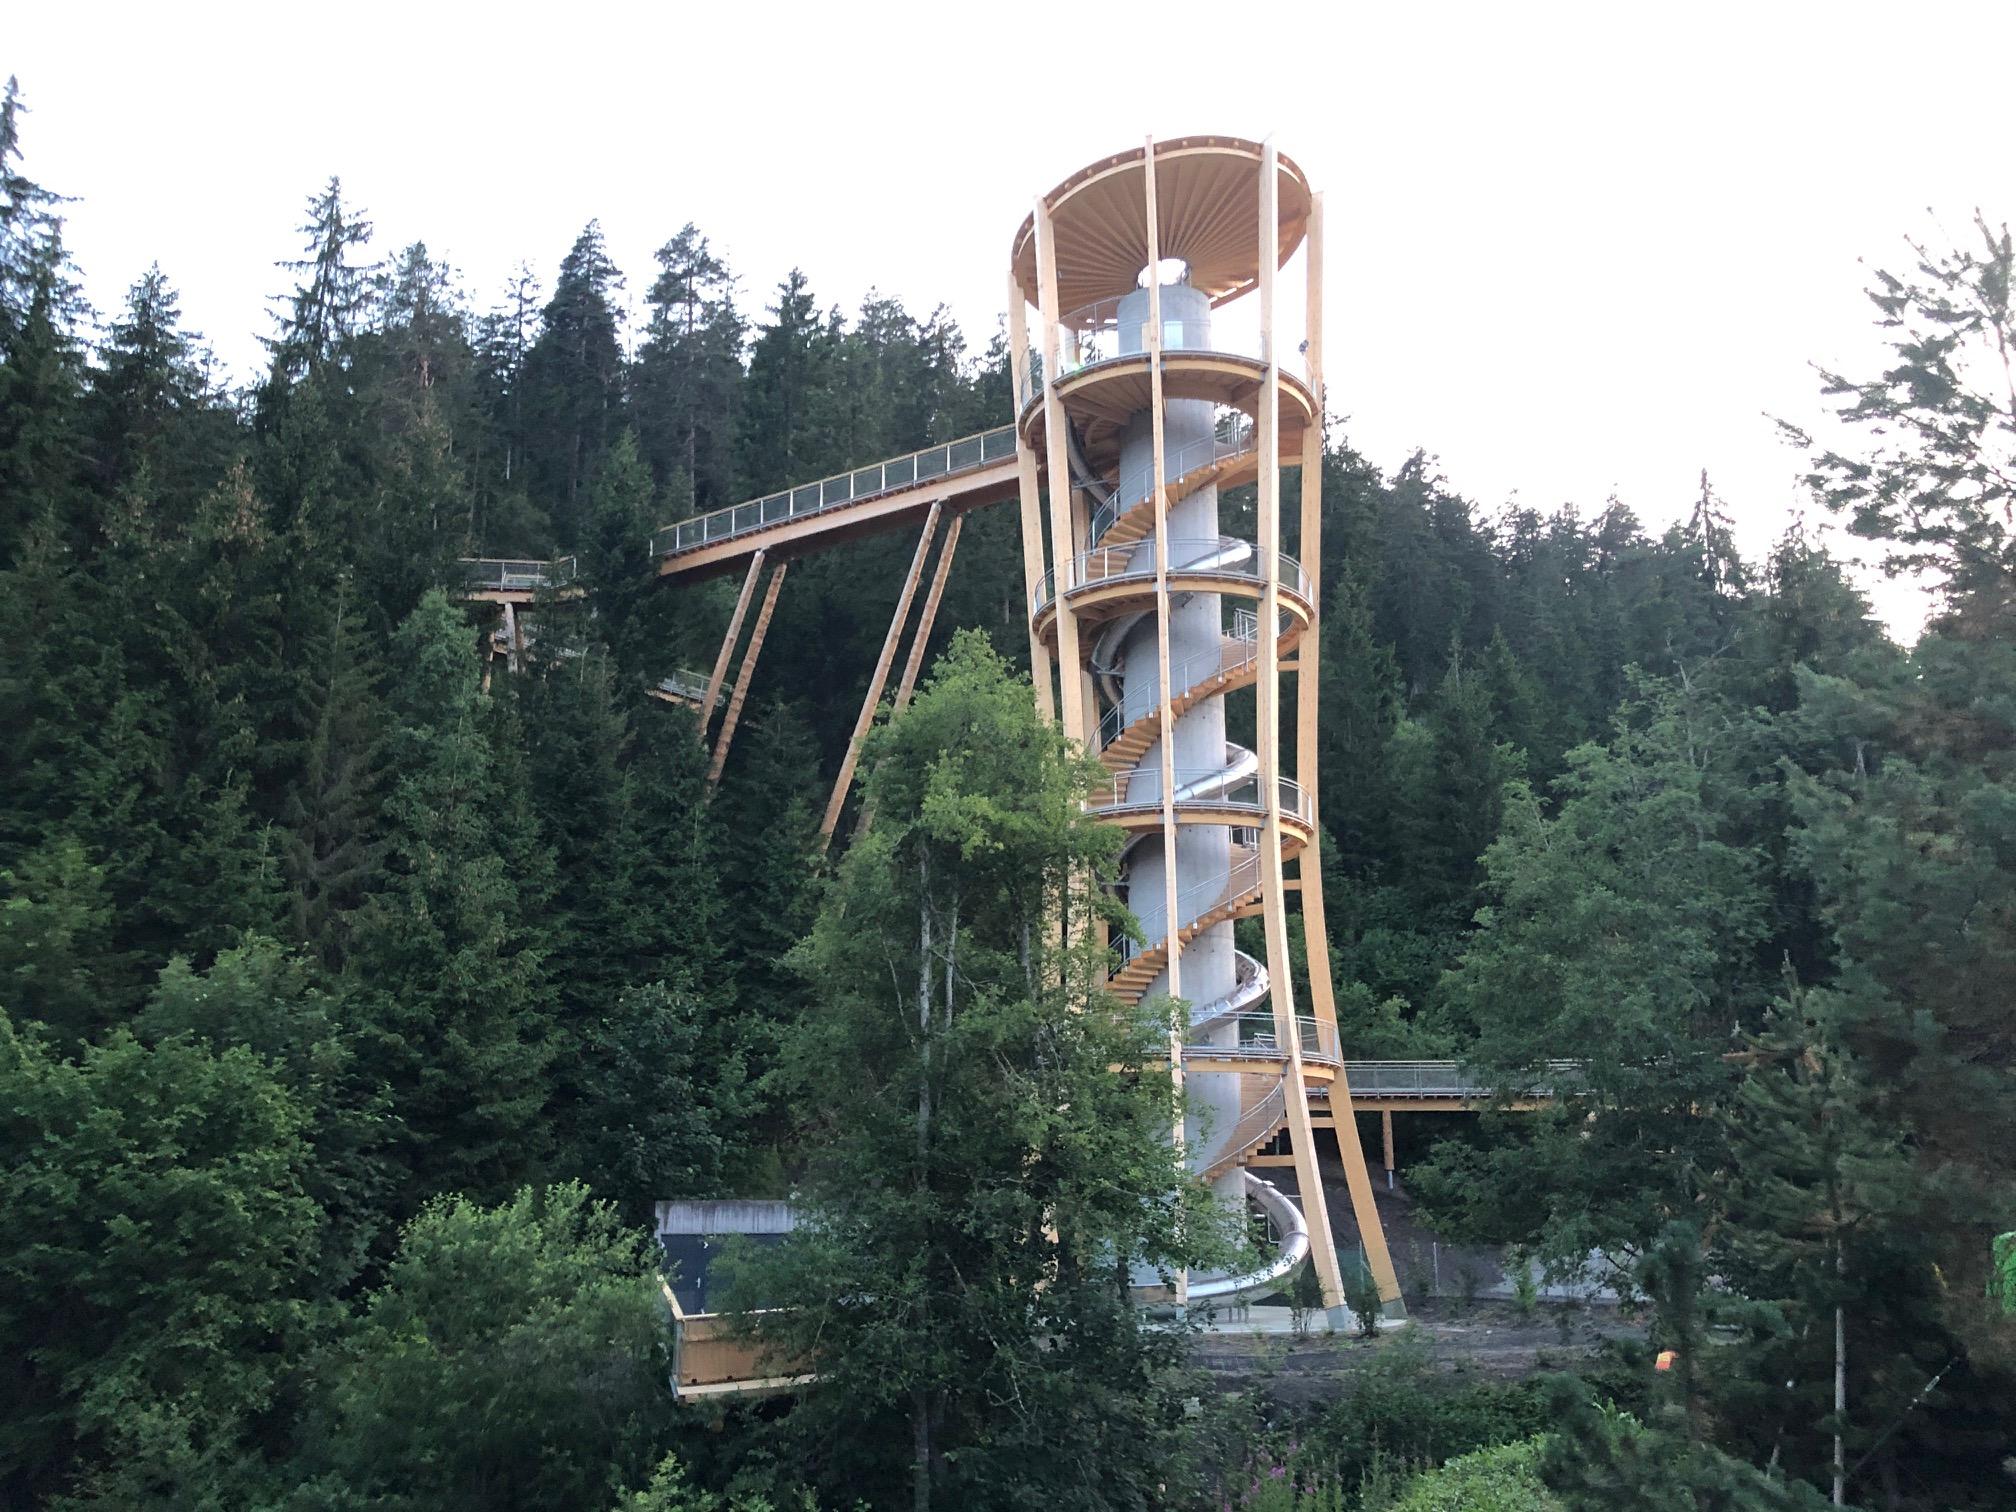 Gesamtansicht Turm des Baumwipfelpfads Laax mit Wiegand-Tunnel-Rutschbahn von GTSM Magglingen